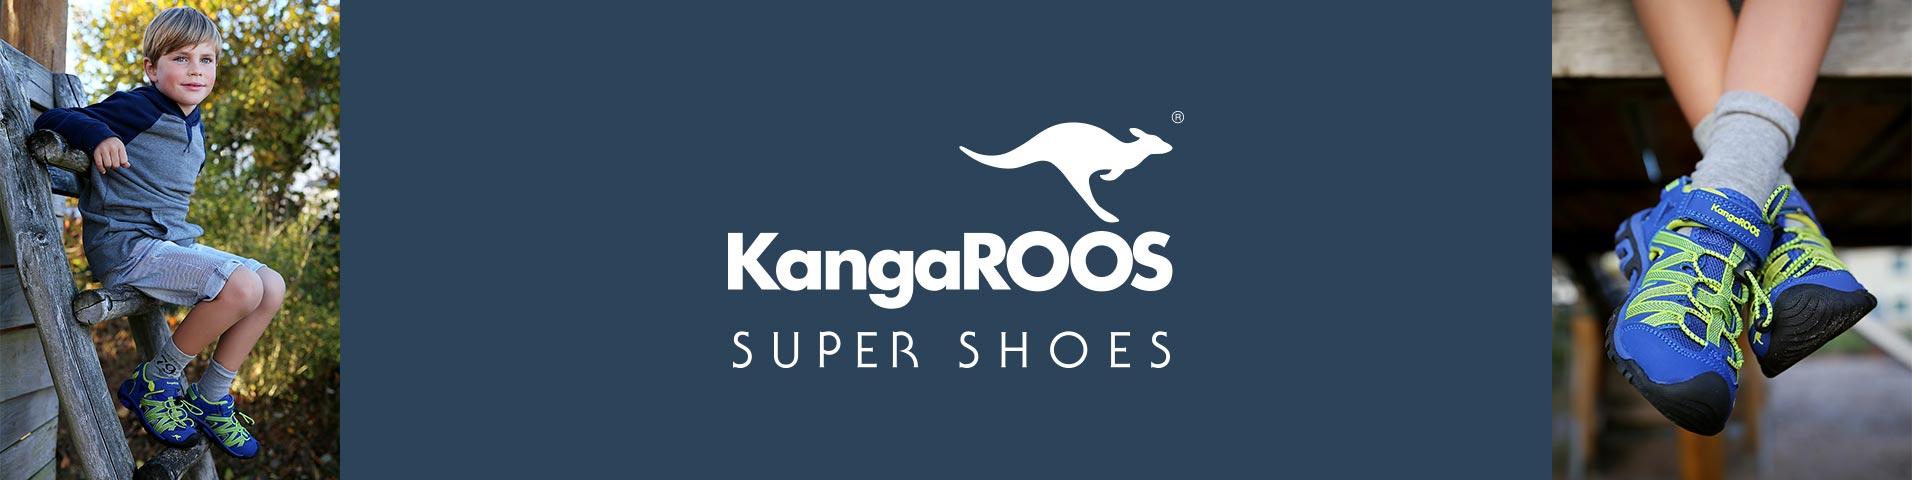 KangaROOS Sportmode Kinder online kaufen | Weil Bewegung